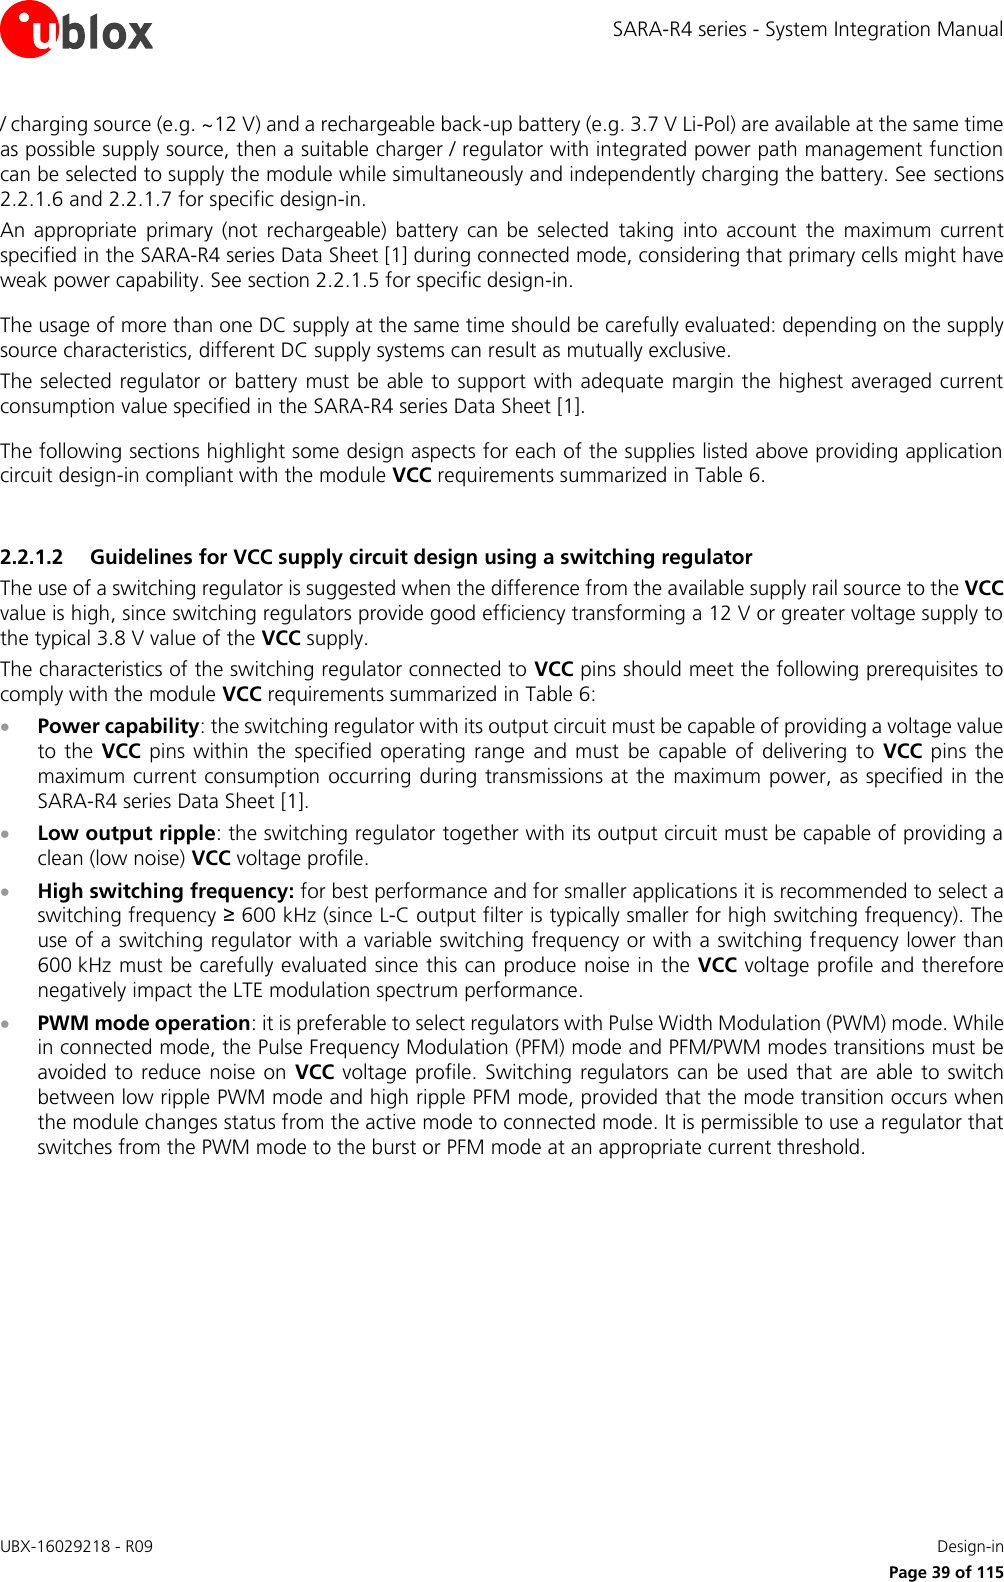 u blox 2AGQN4NNN Cellular Module User Manual SARA R4 series